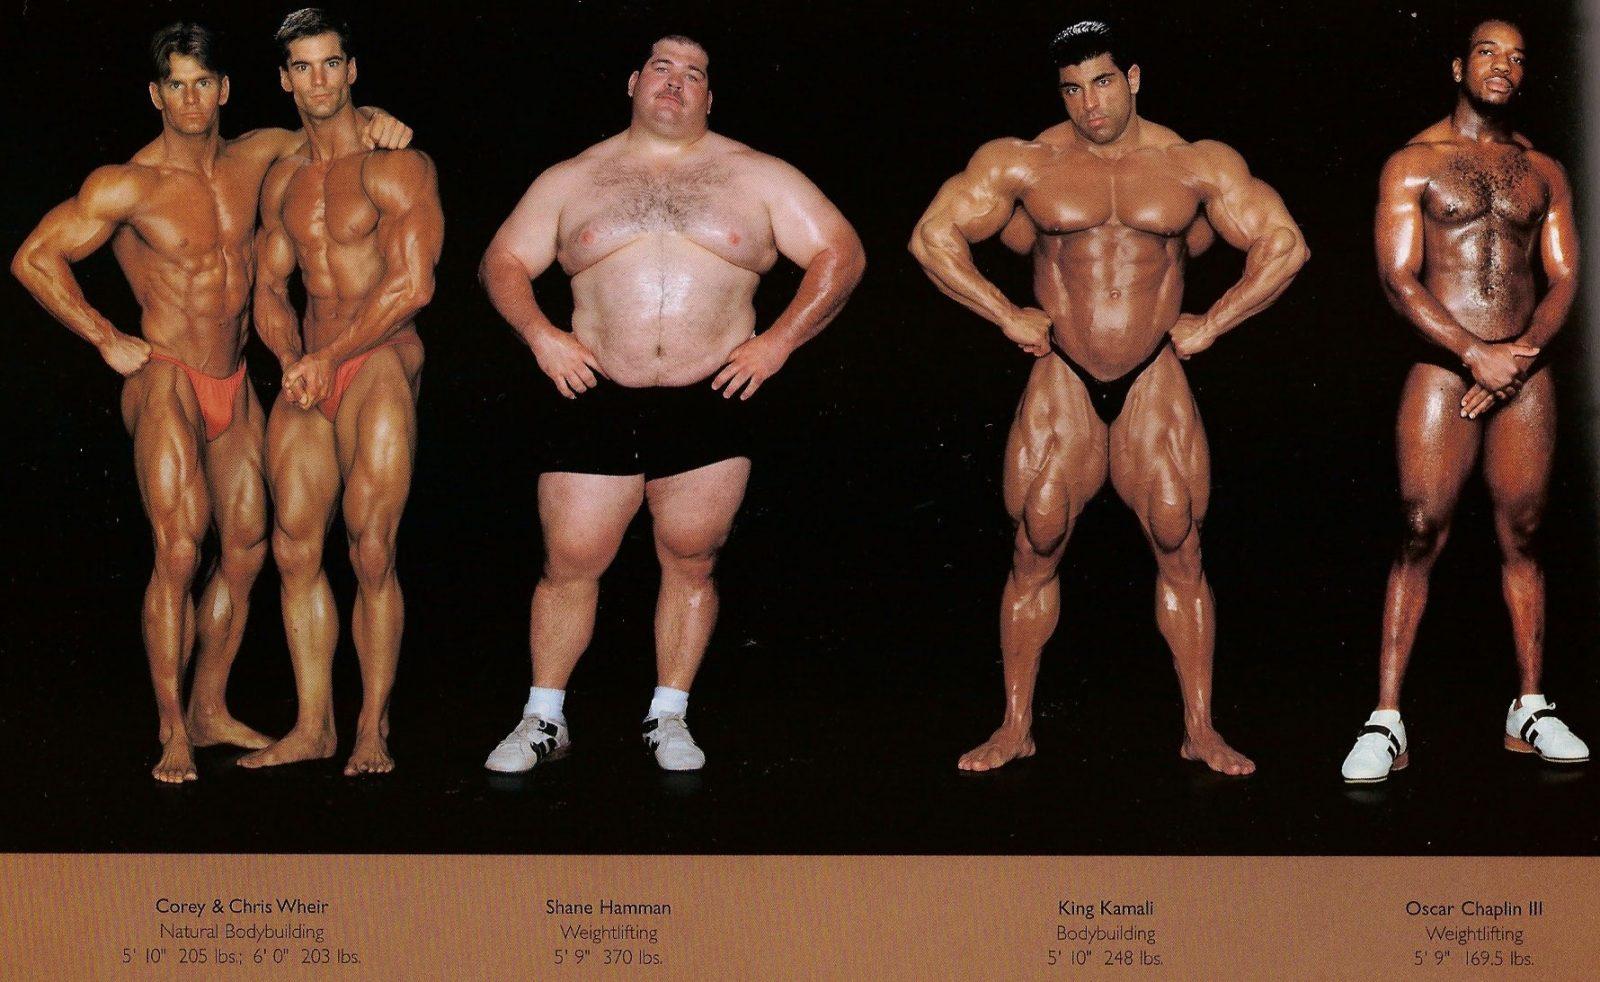 Различные типы телосложений мужчин (эктомофр, эндоморф, мезоморф)